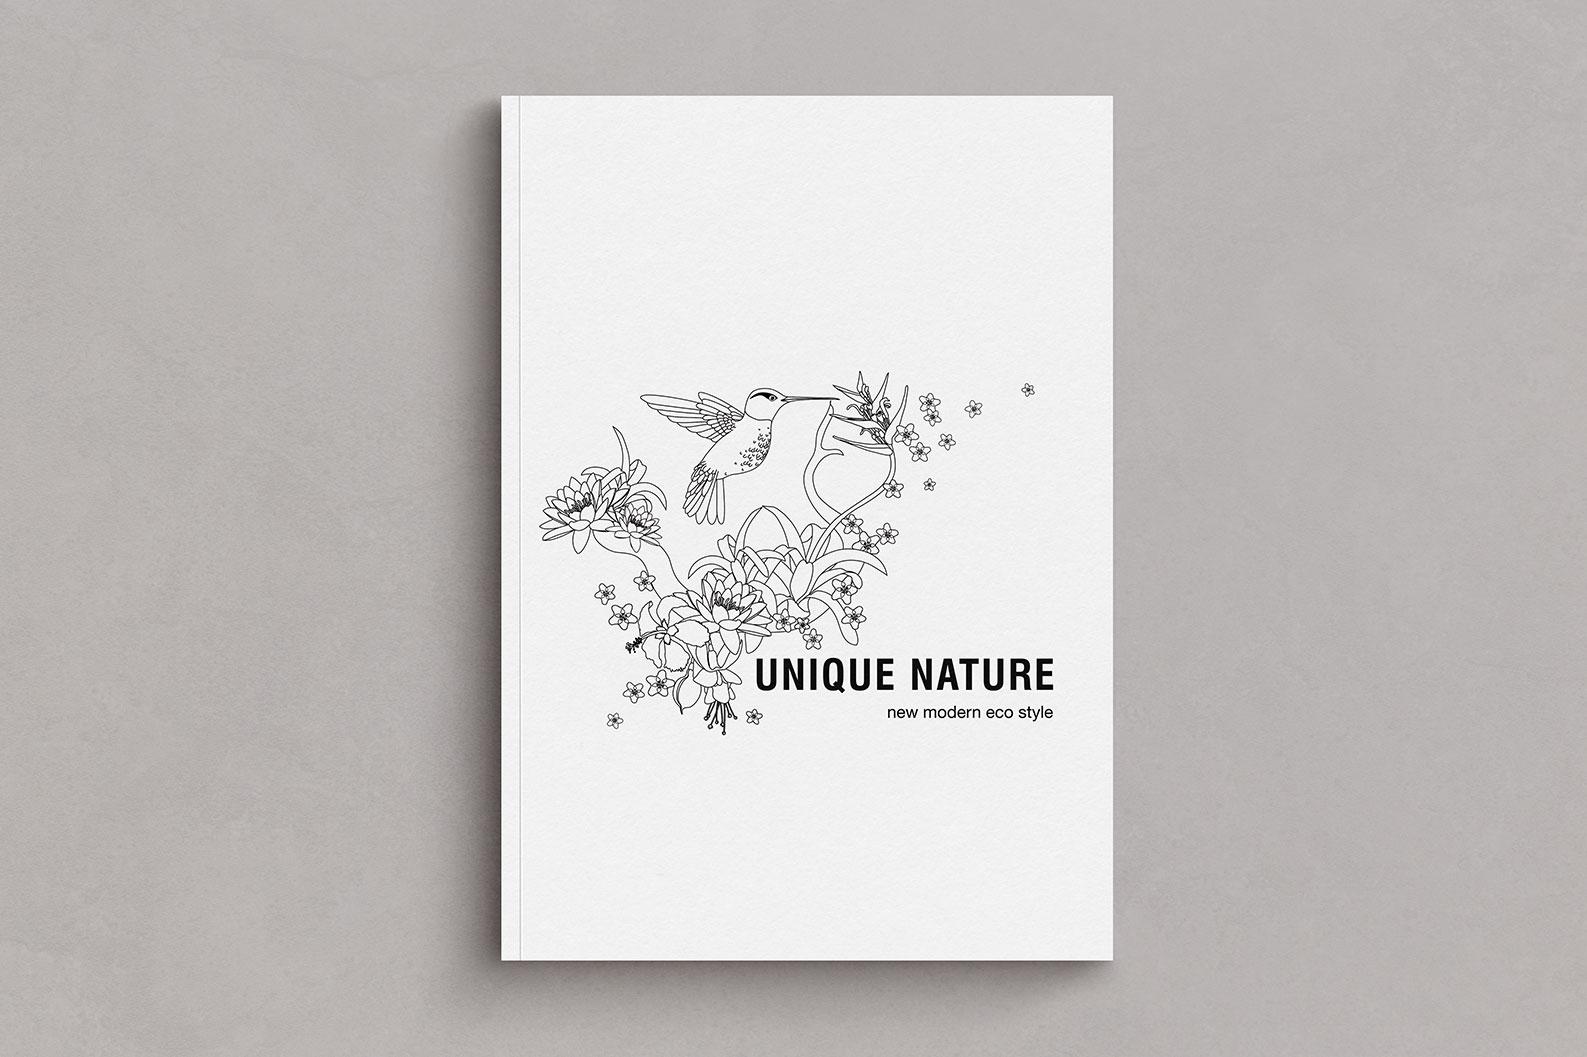 Unique Nature - Projekt der Internetagentur NO TINS Gmbh